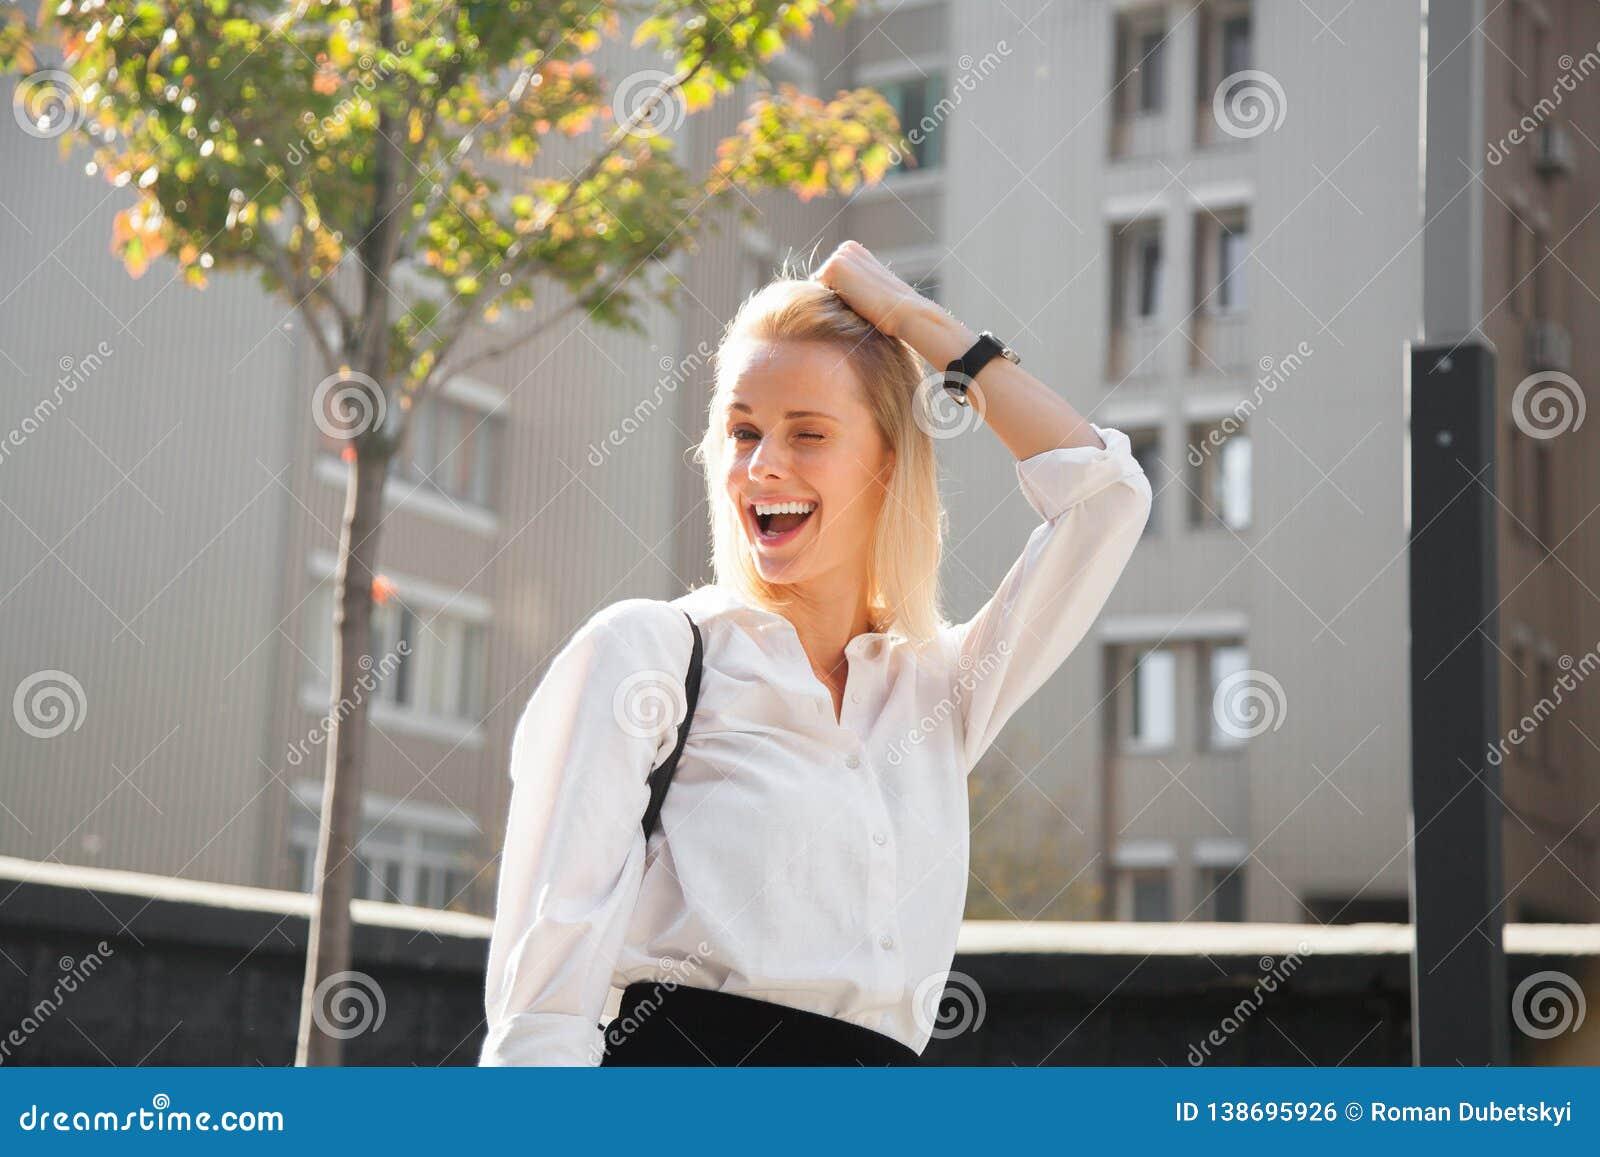 Stående av den unga skratta kvinnan i modern kläder som bedrar omkring att försöka på ny blick